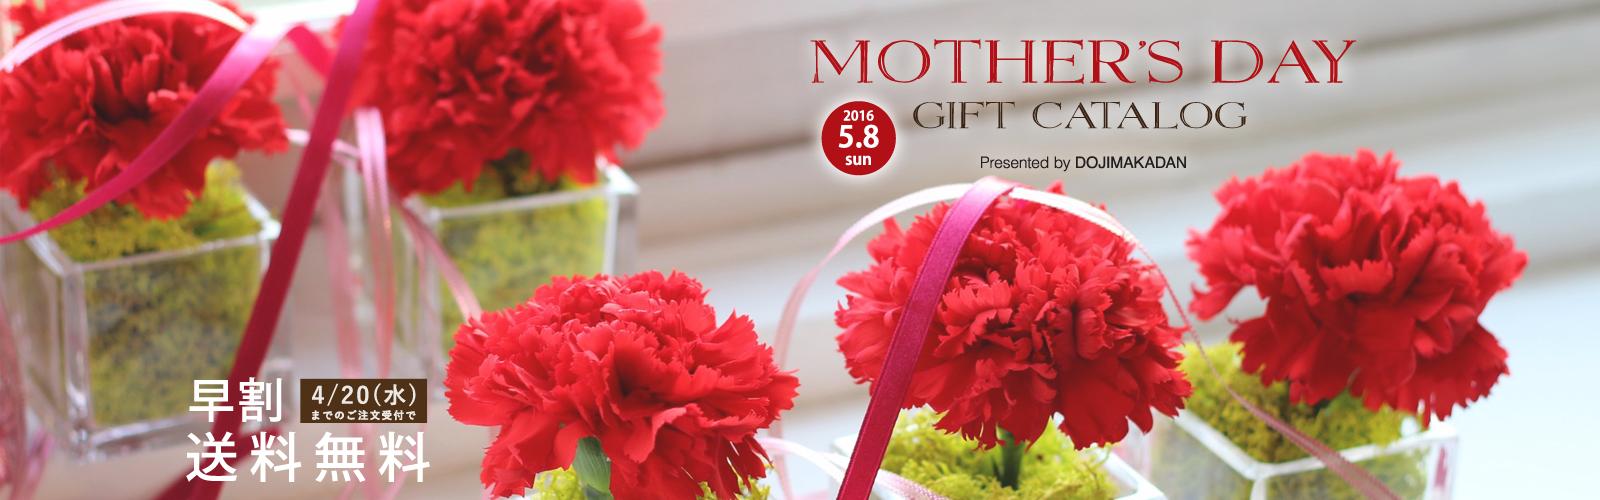 """なかなか言葉に出せない""""ありがとう""""母の日だけはお花に込めた感謝の気持ちを贈りませんか?"""